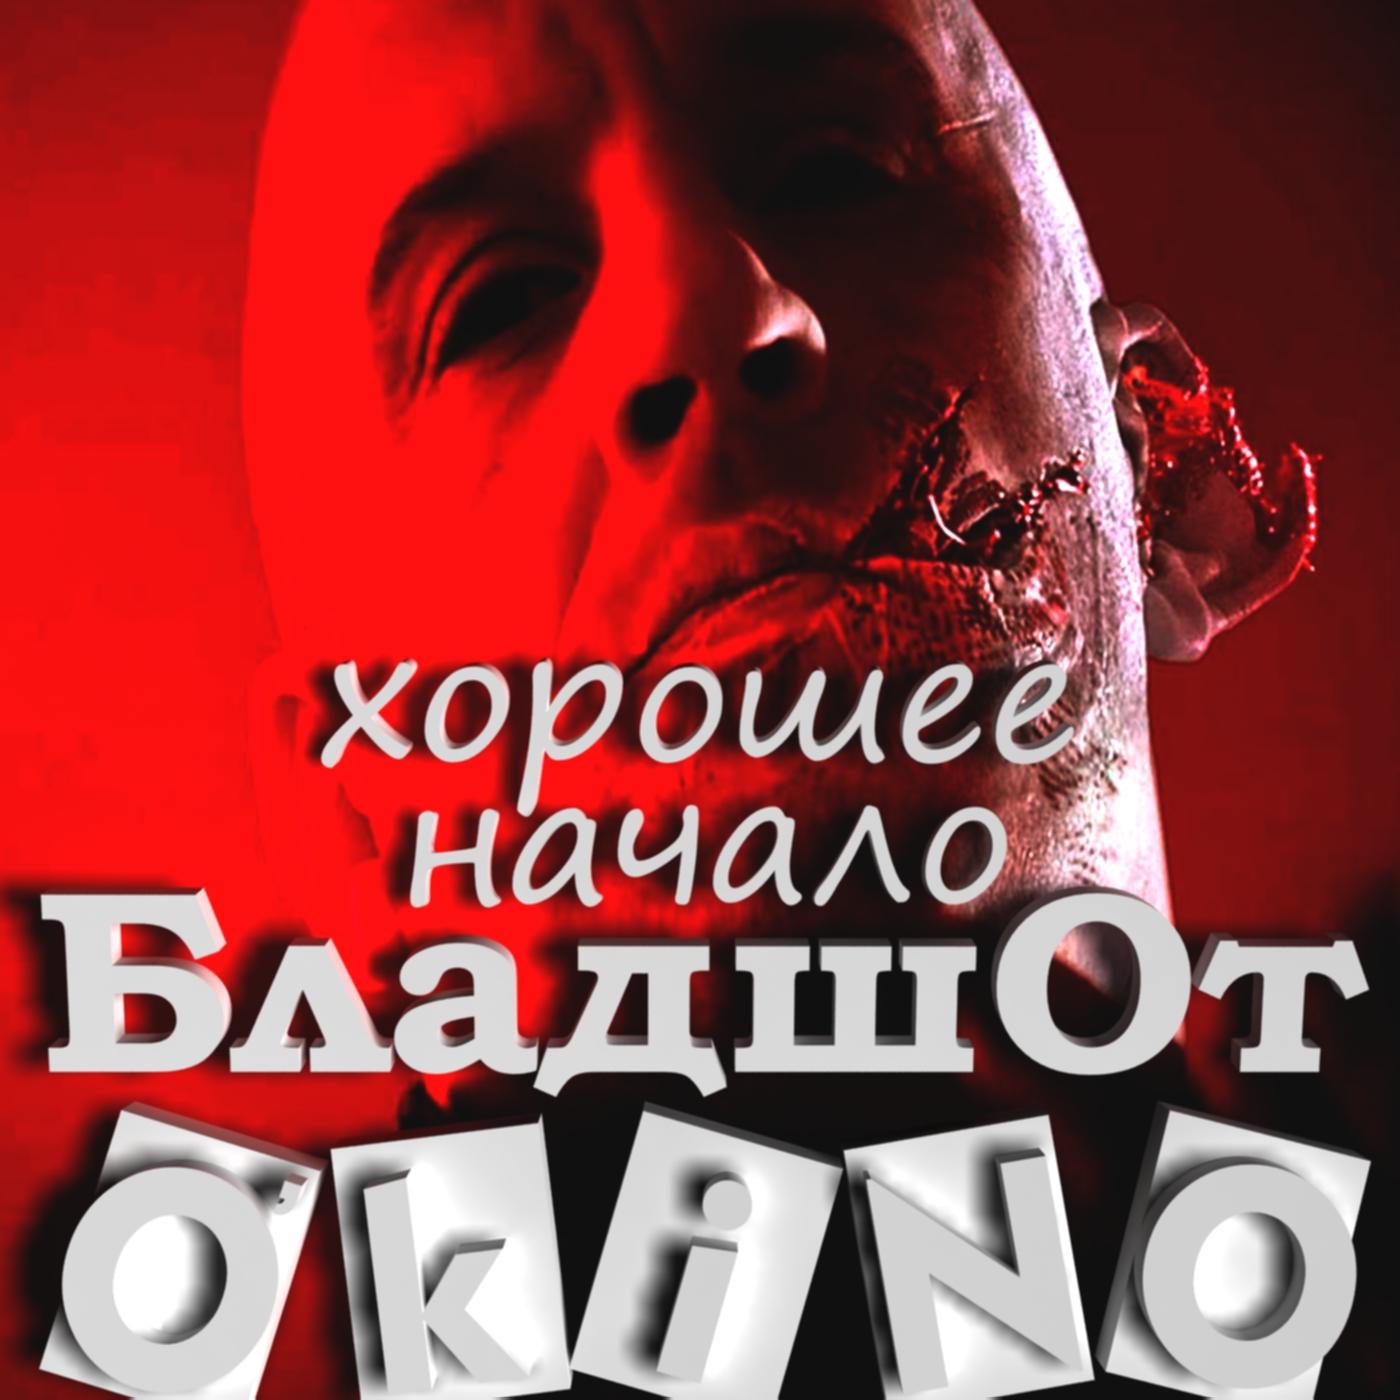 Бладшот _ Bloodshot _ хорошее начало ( O'KINO ). - Изображение 1